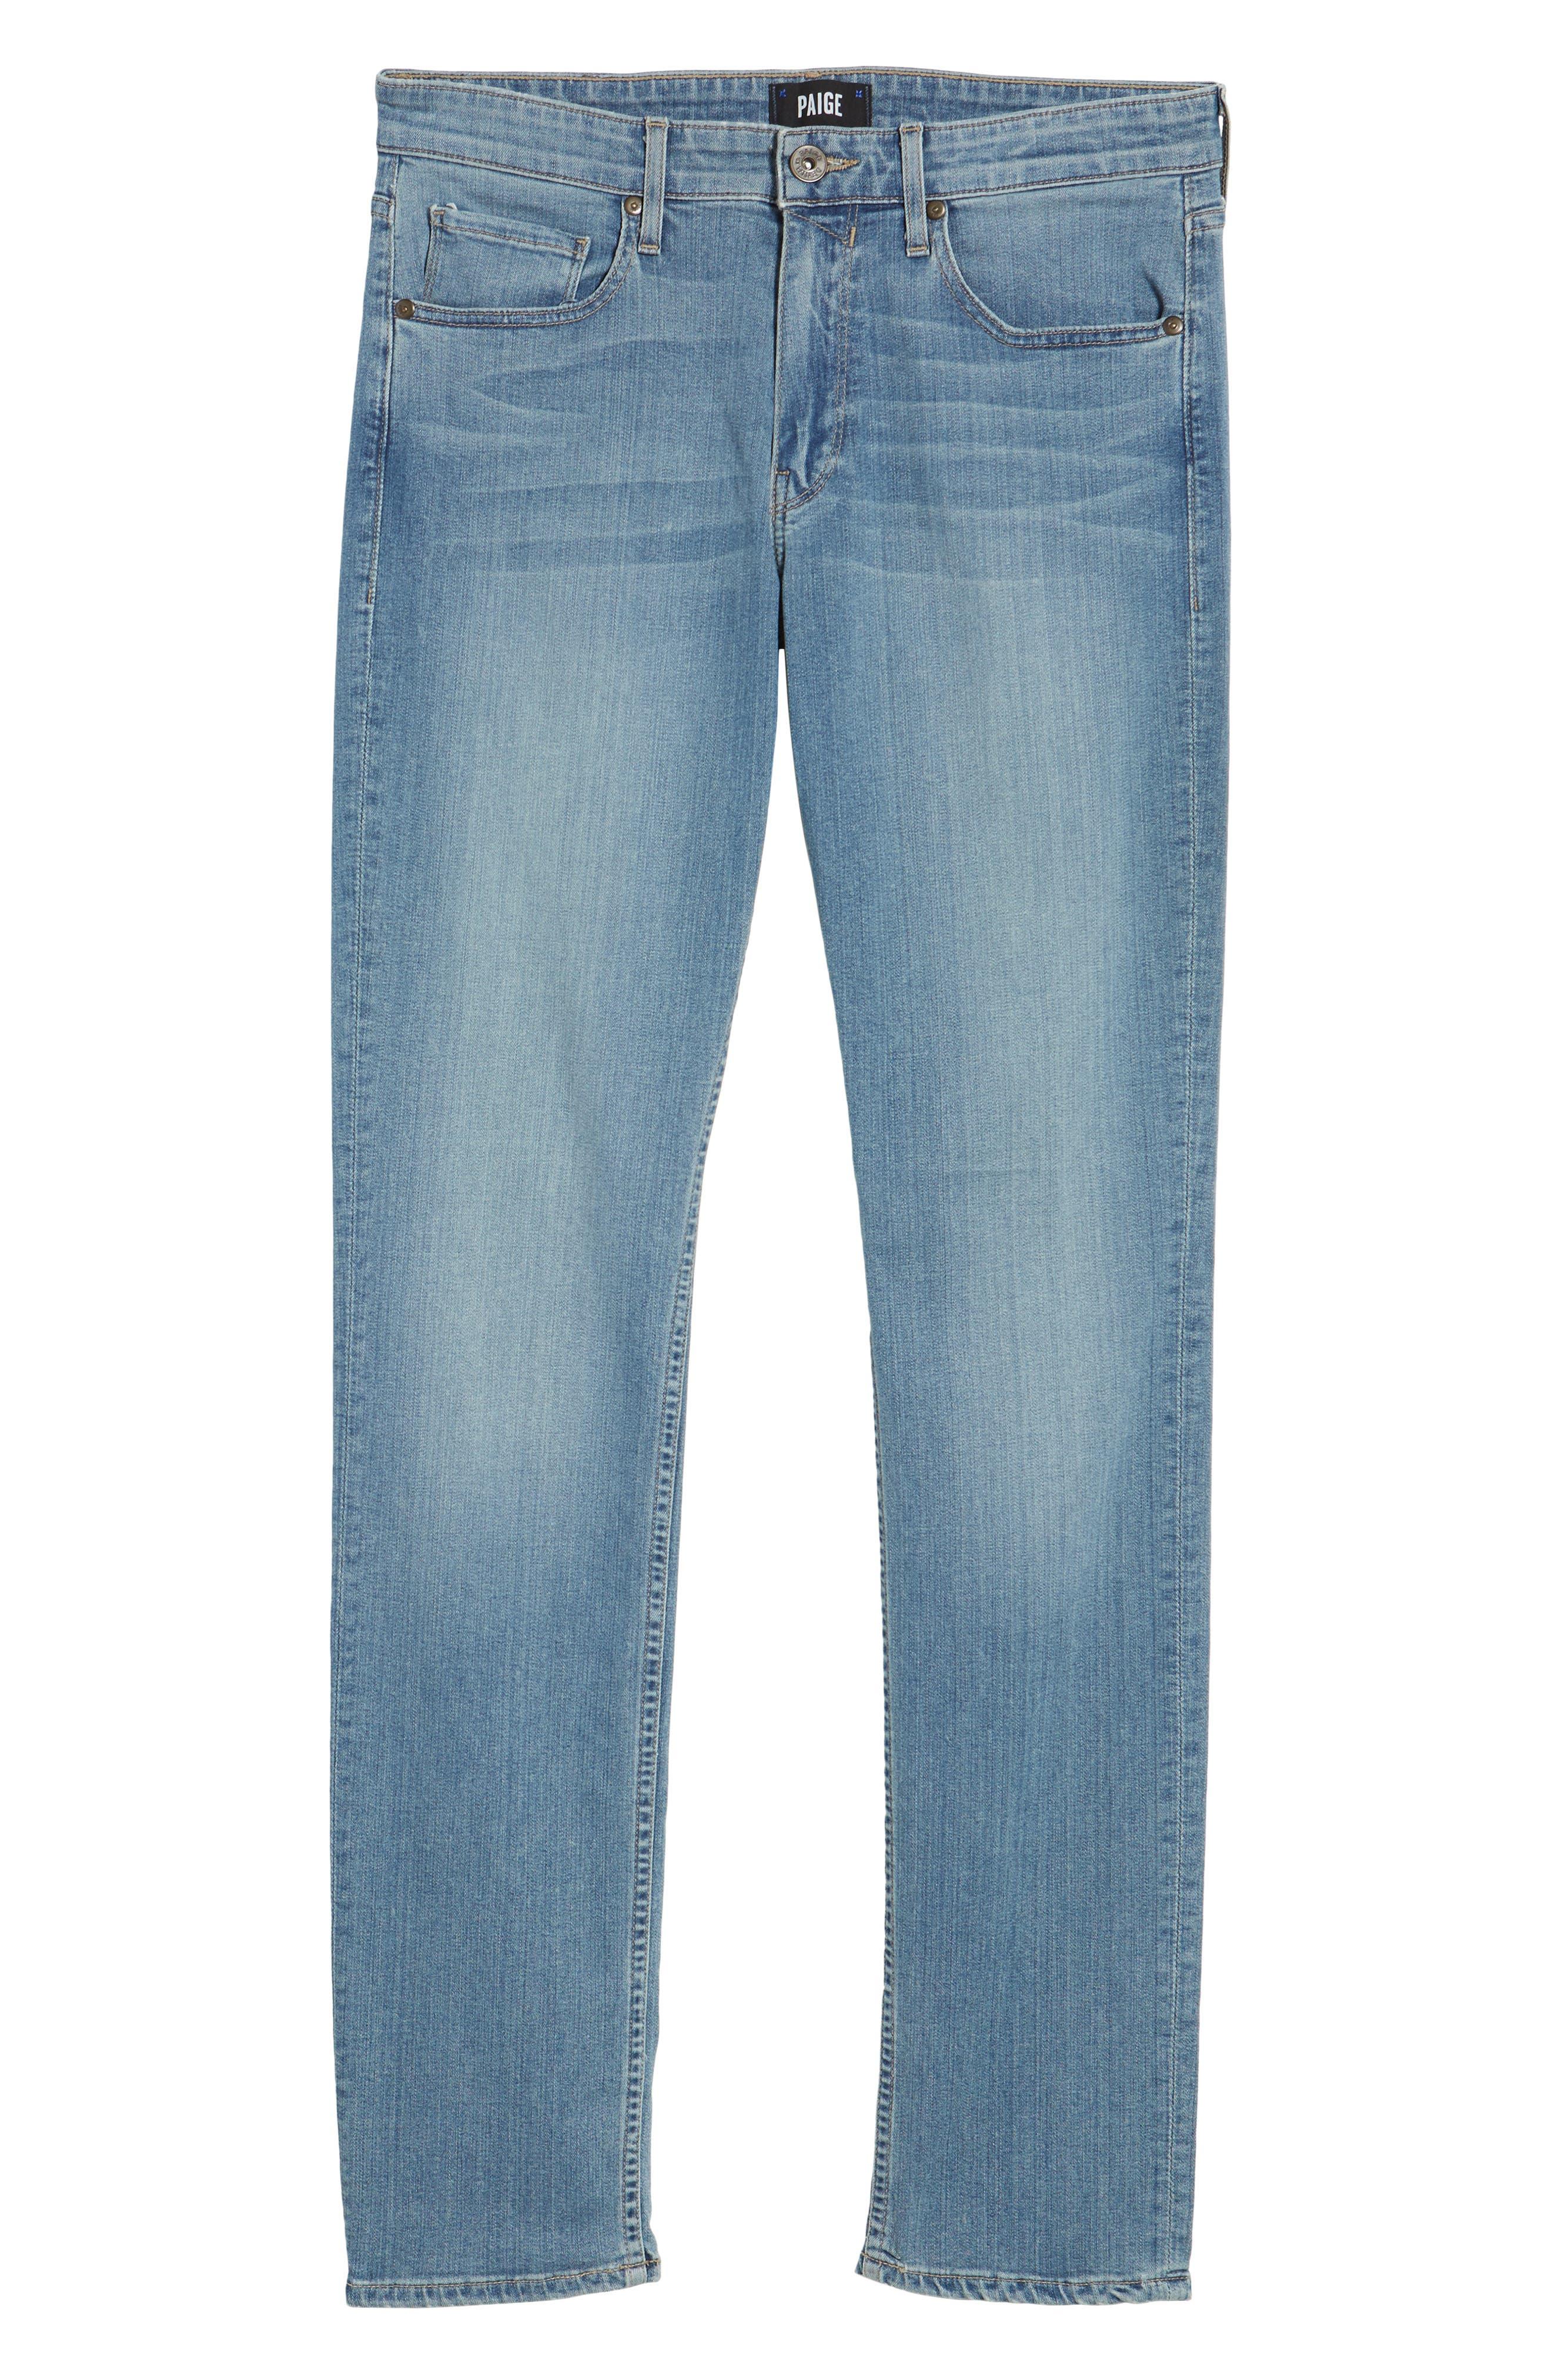 Transcend - Lennox Slim Fit Jeans,                             Alternate thumbnail 6, color,                             Liam